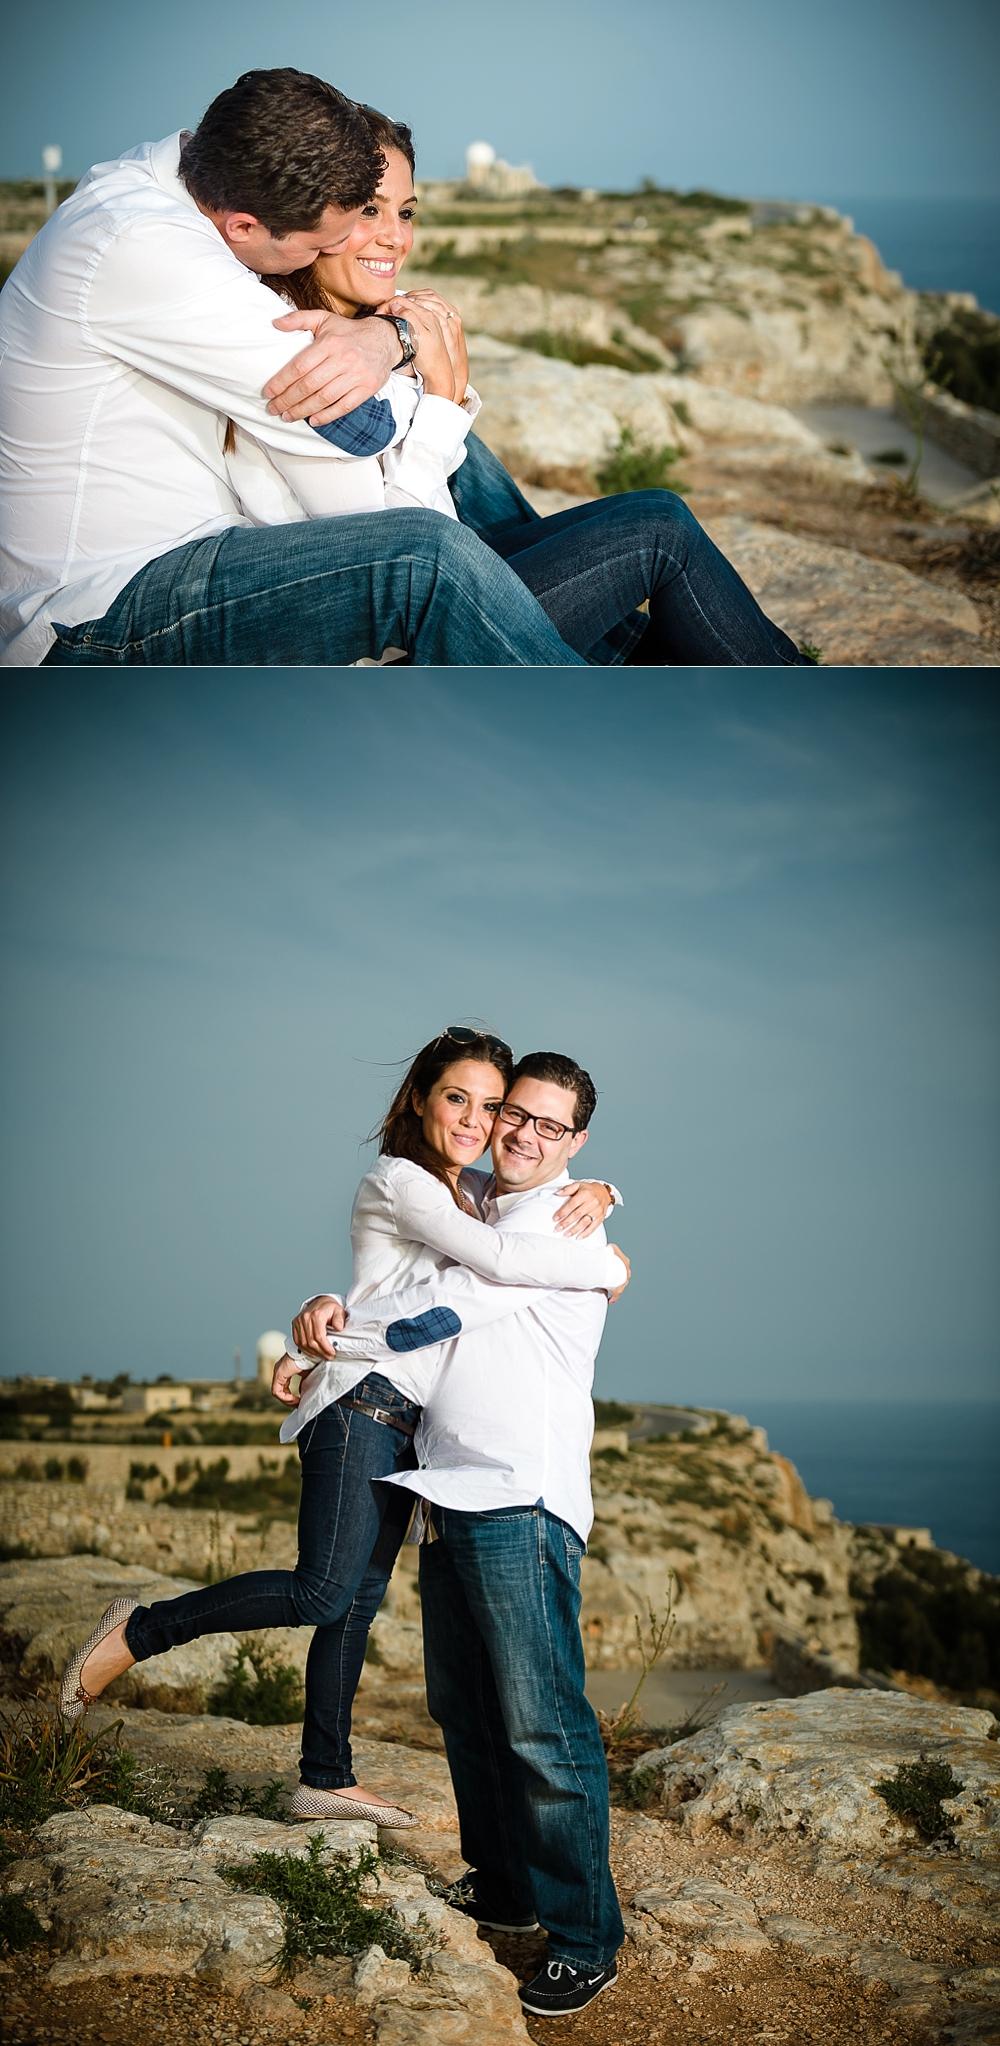 Jeanette&Mark_0011.jpg